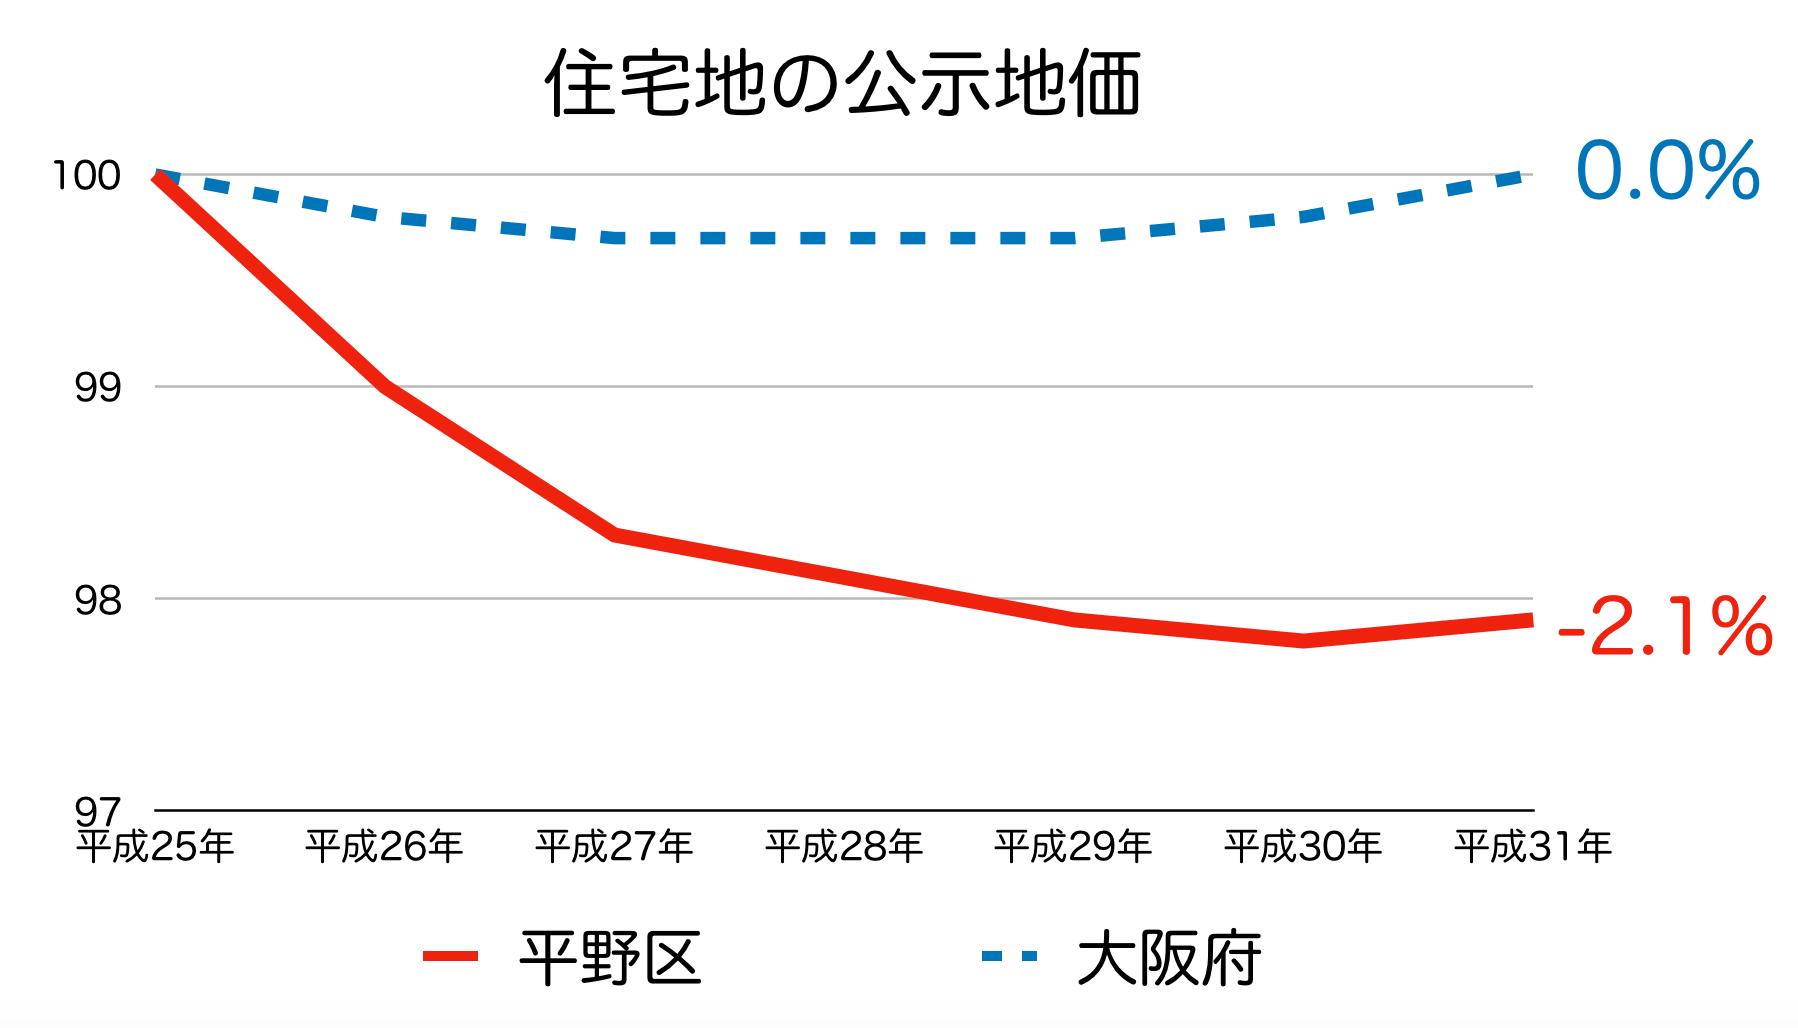 大阪市平野区の公示地価 H25-H31